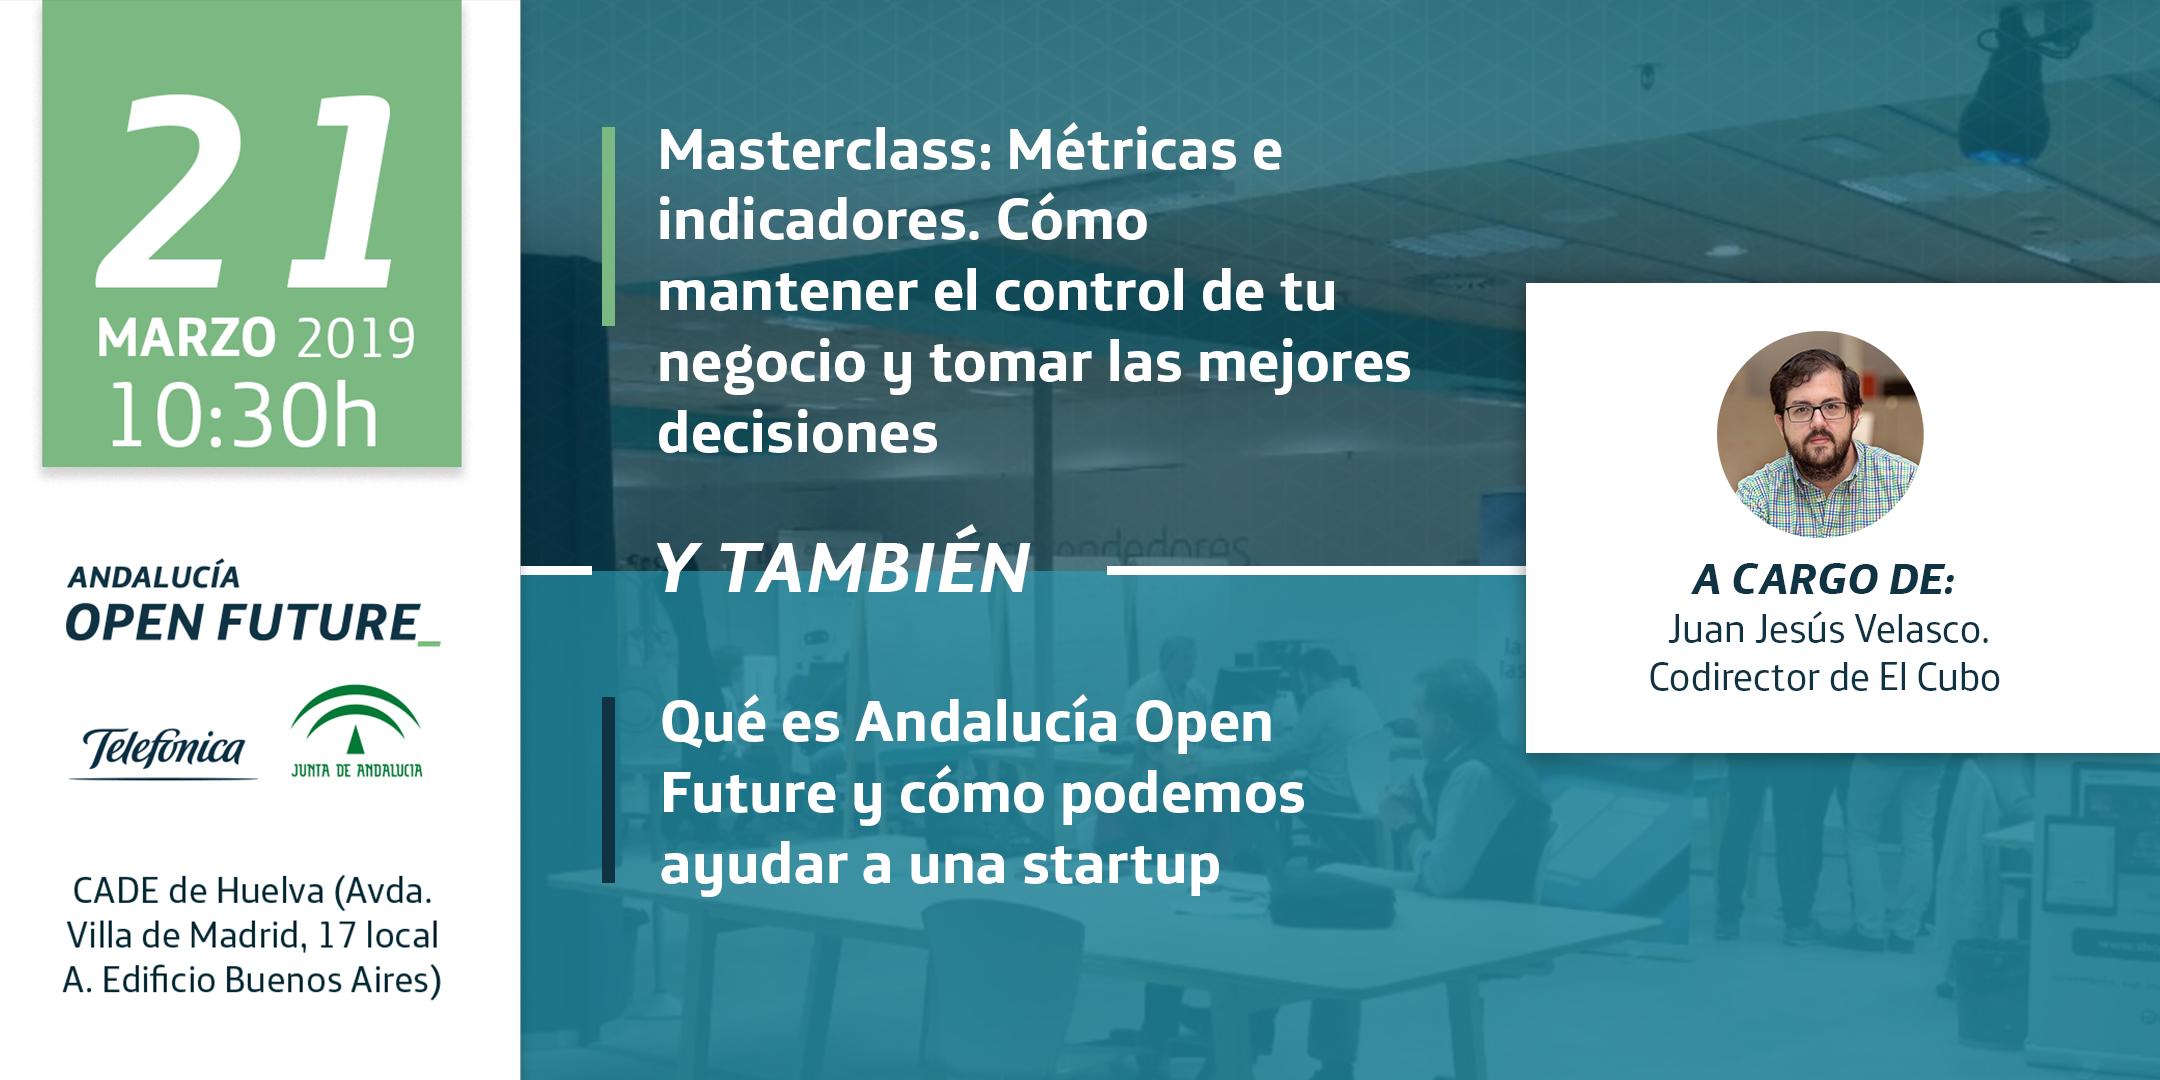 Masterclass metricas. CADE Huelva